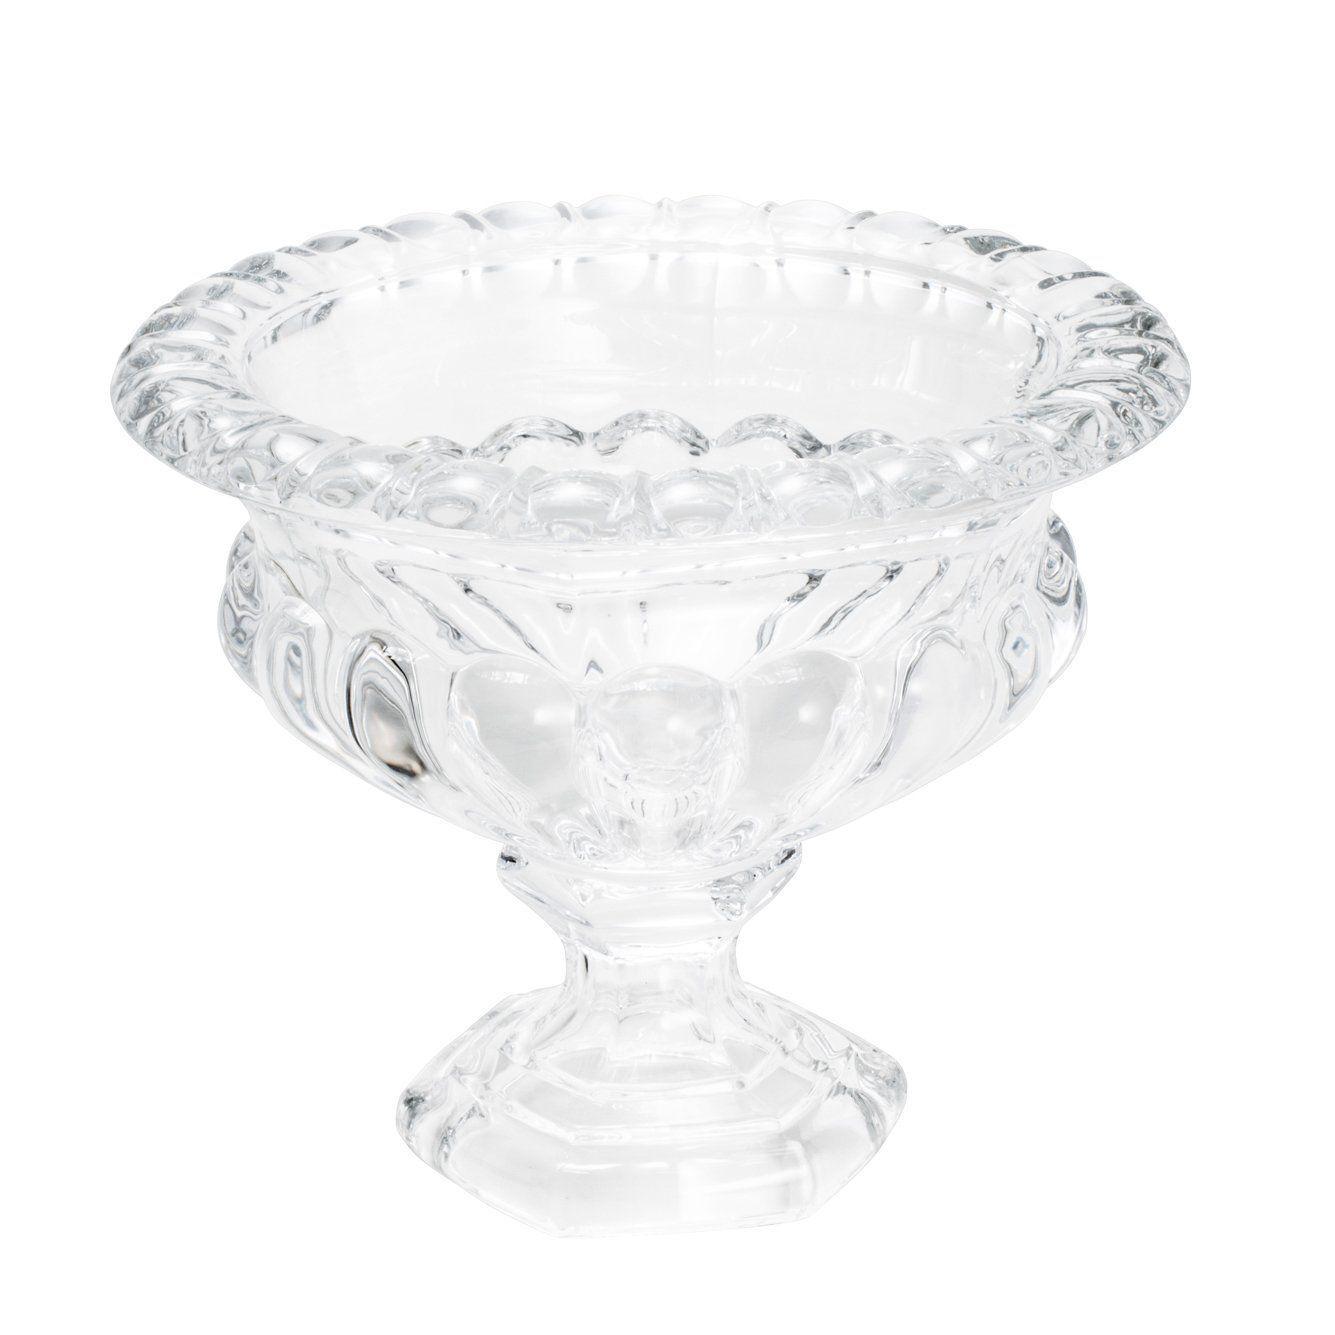 Centro de mesa 13,5 cm de cristal transparente com pé Sussex Wolff - 30234